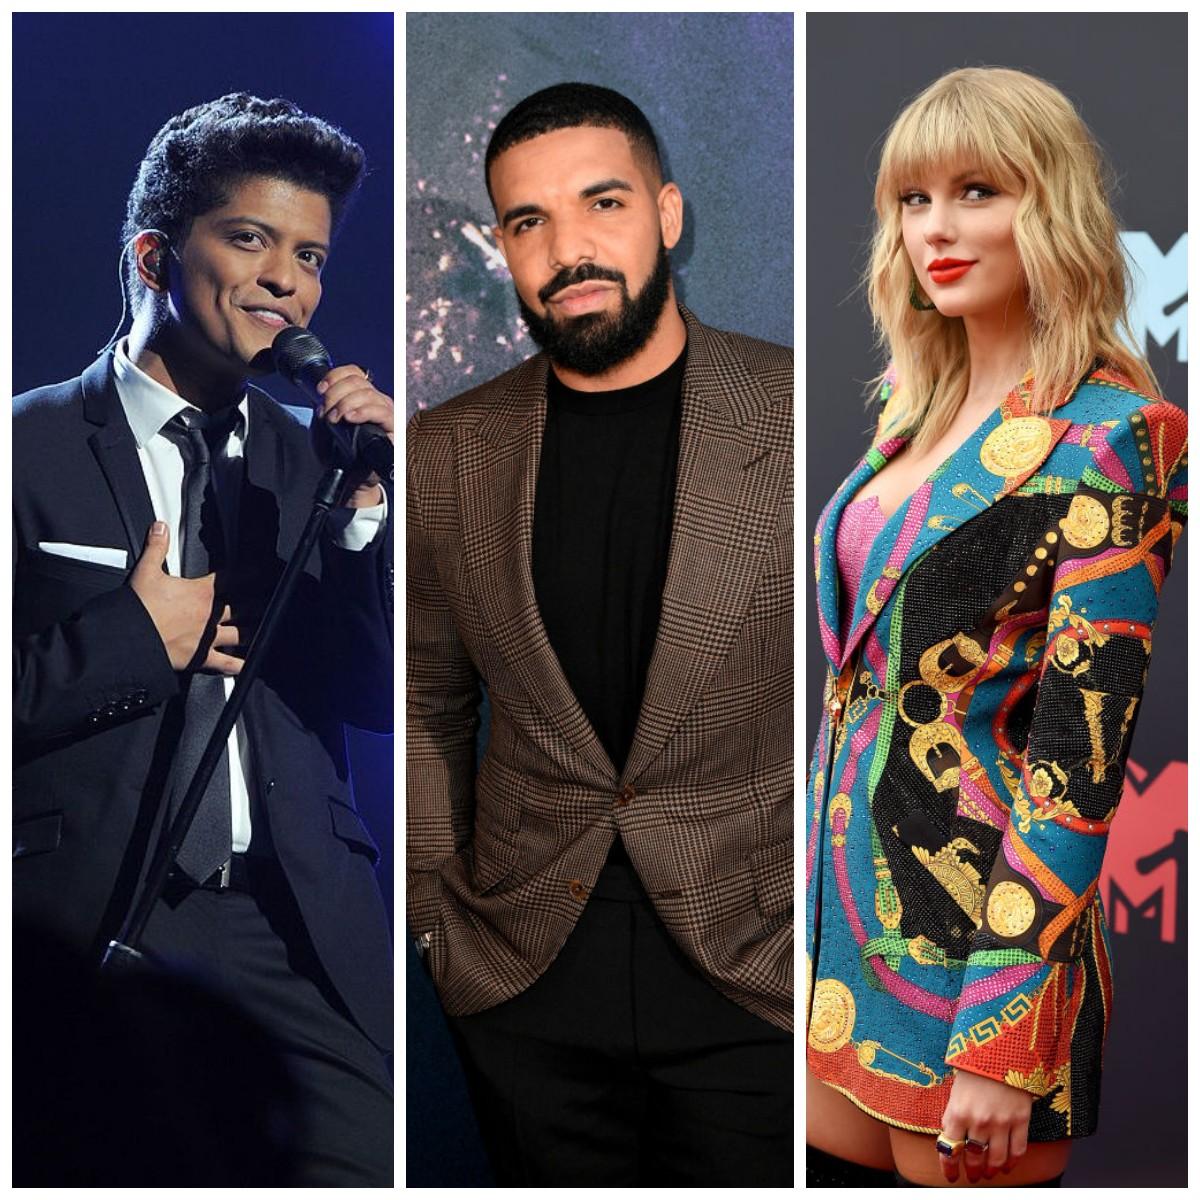 Лучшие артисты десятилетия: кто вошел в топ-10 по версии Billboard